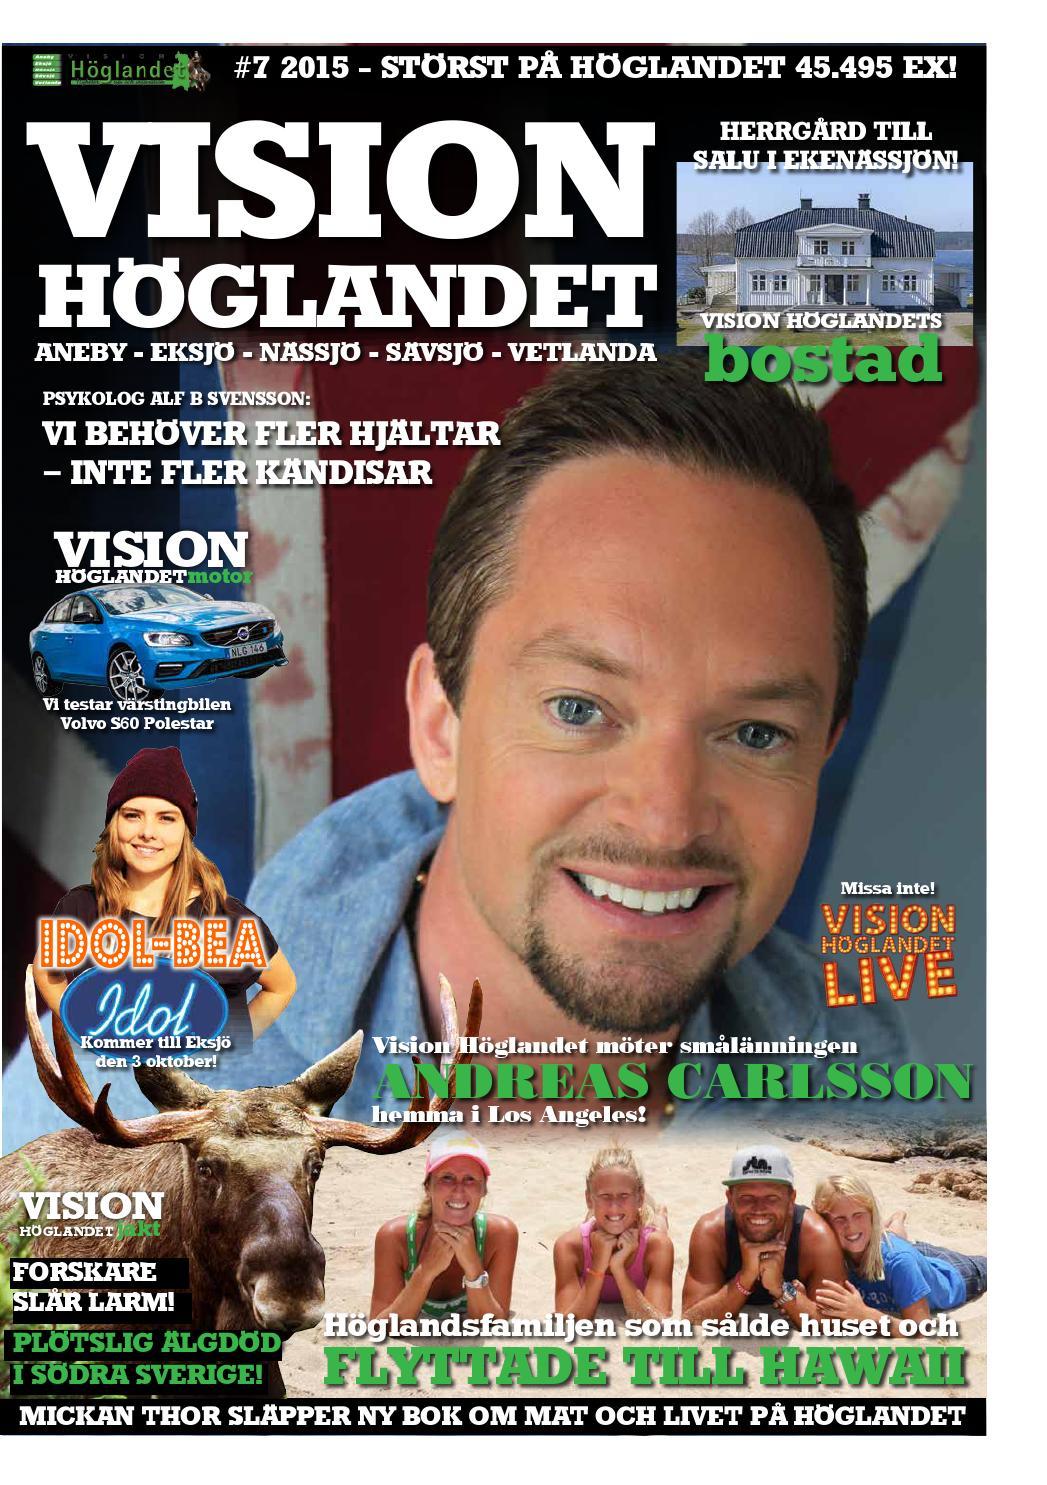 Dejting Karlshamn | Hitta krleken bland singelfrldrar